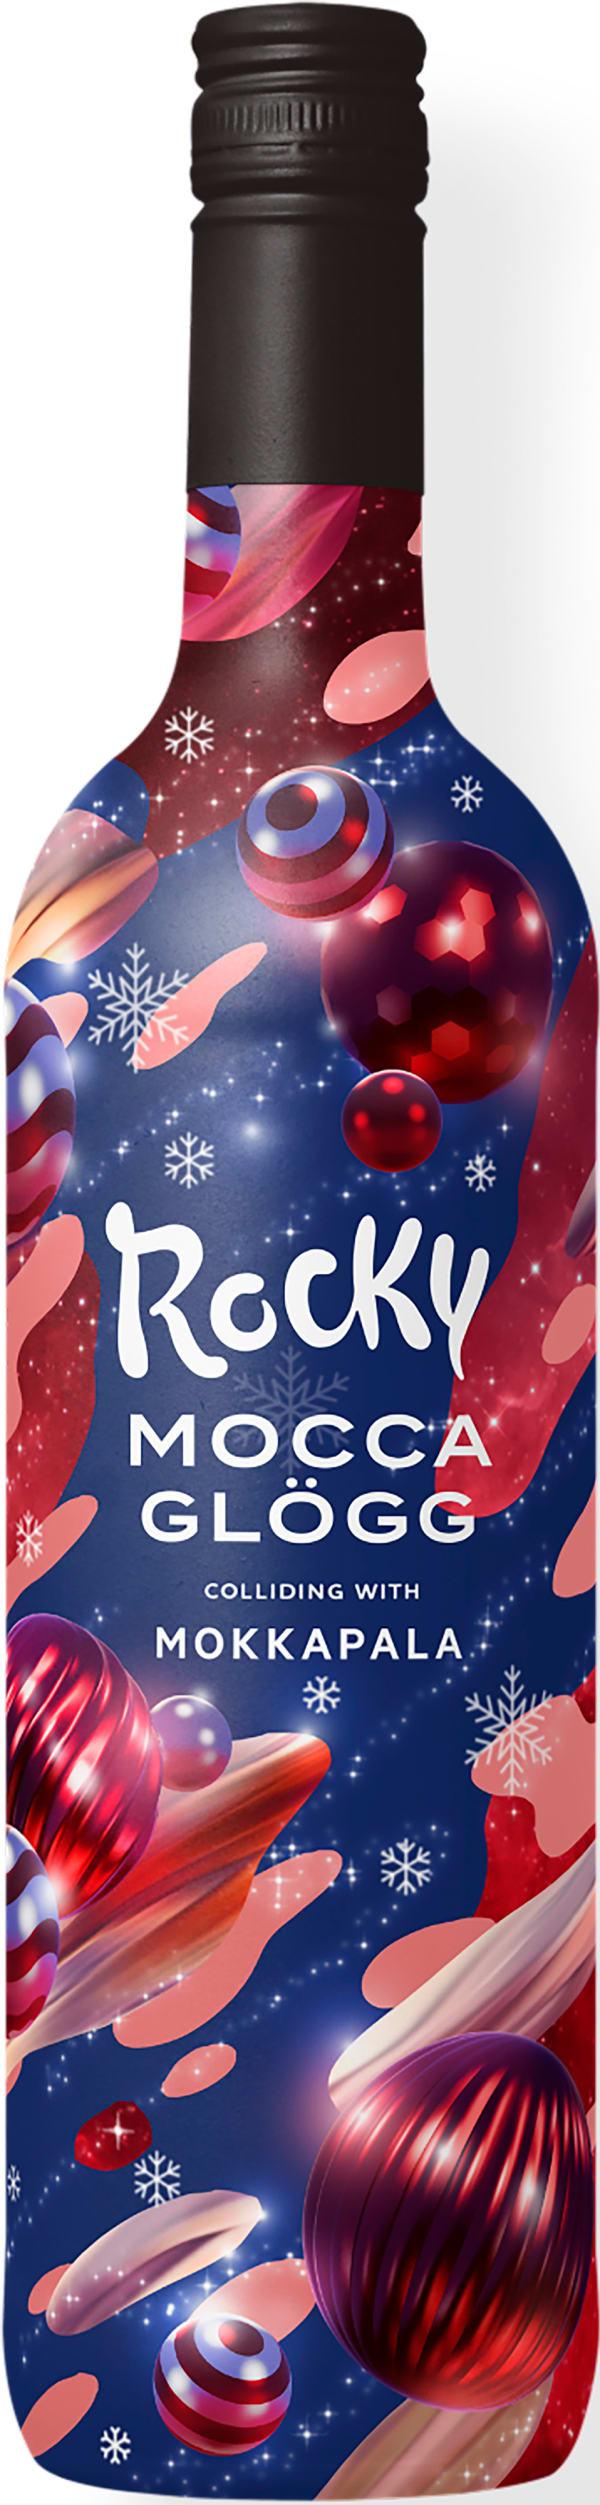 Rocky Mocca Glögg